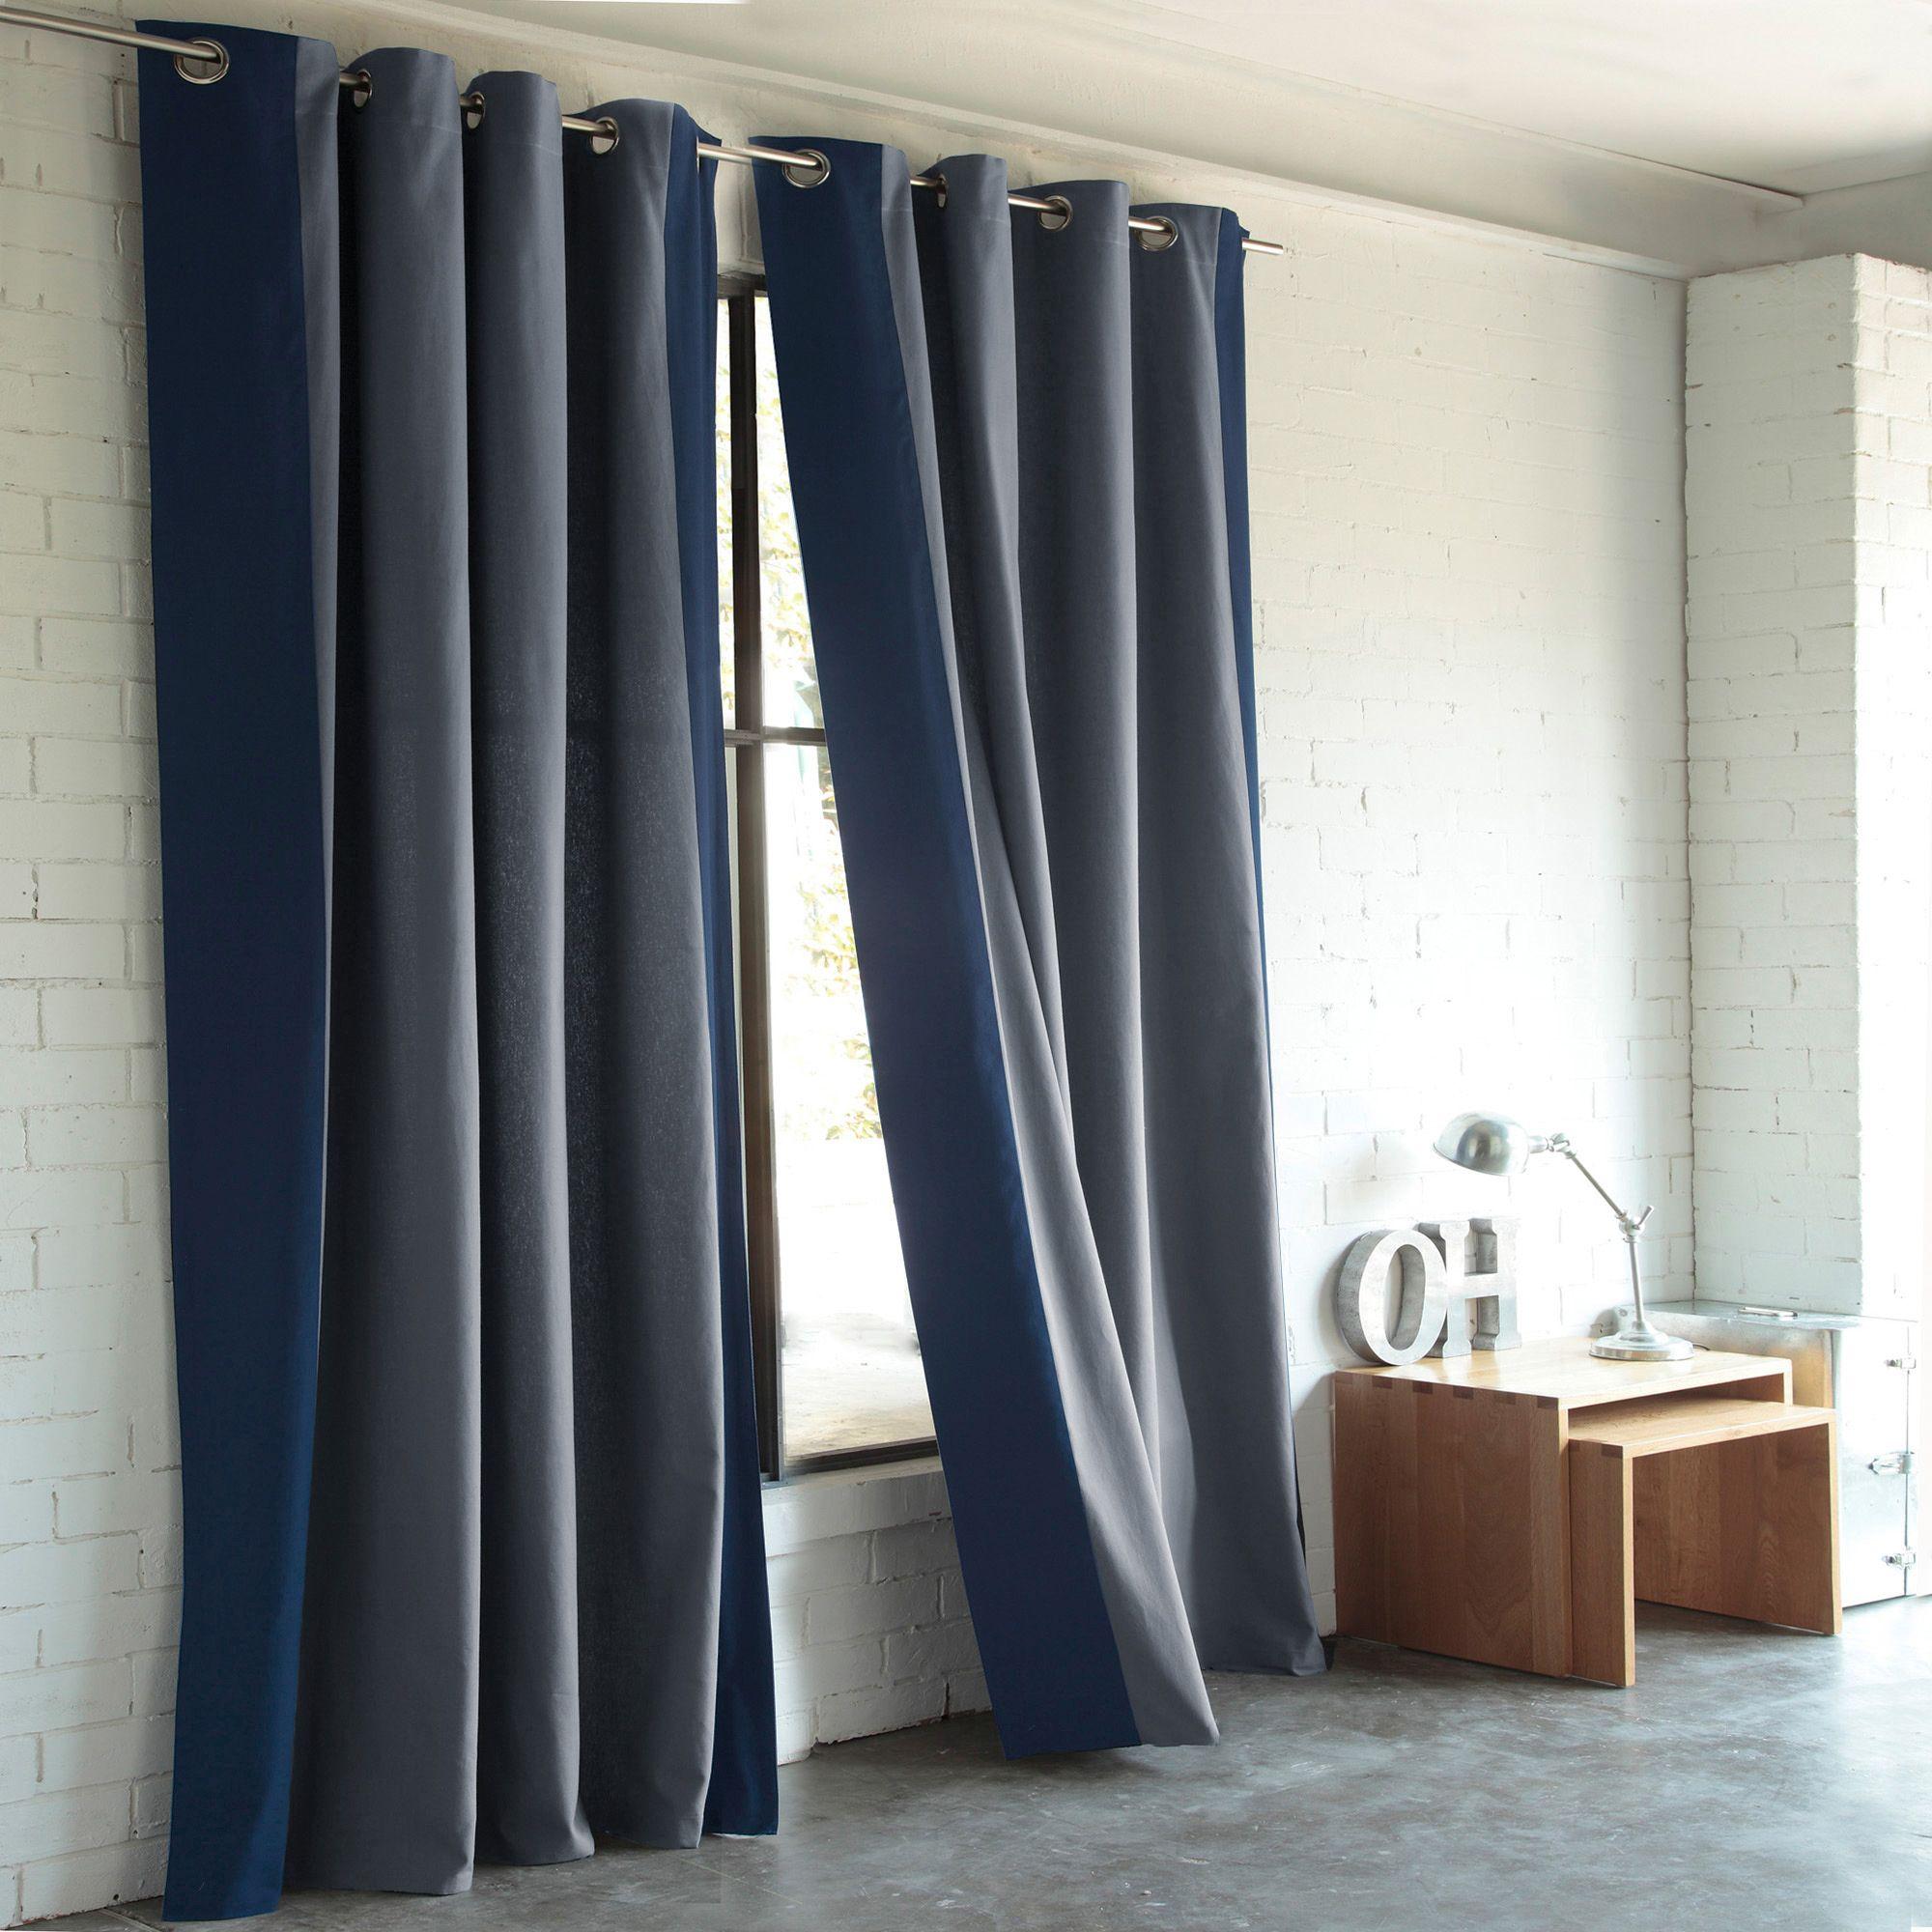 Rideau bandes latérales contrastées à oeillets en pur coton - 3 ...